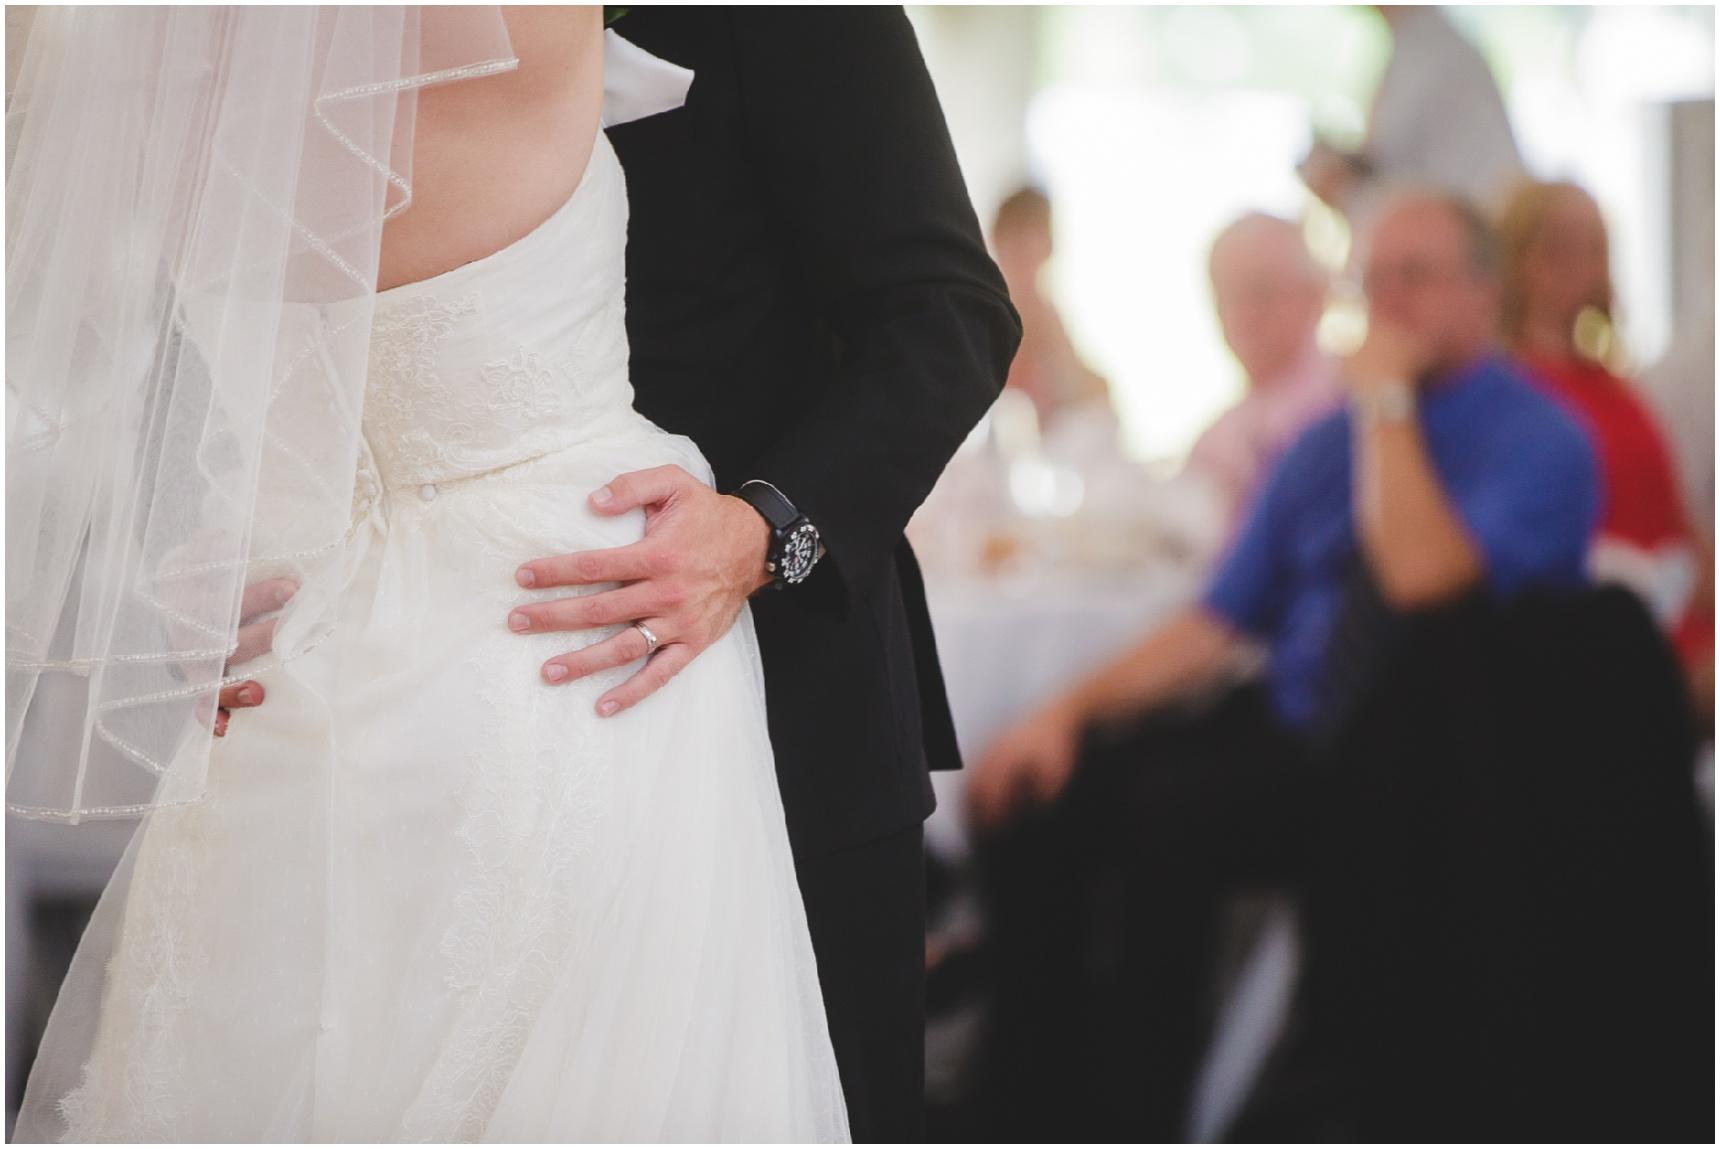 Buffalo-Avanti-Wedding-Photographer_060.jpg